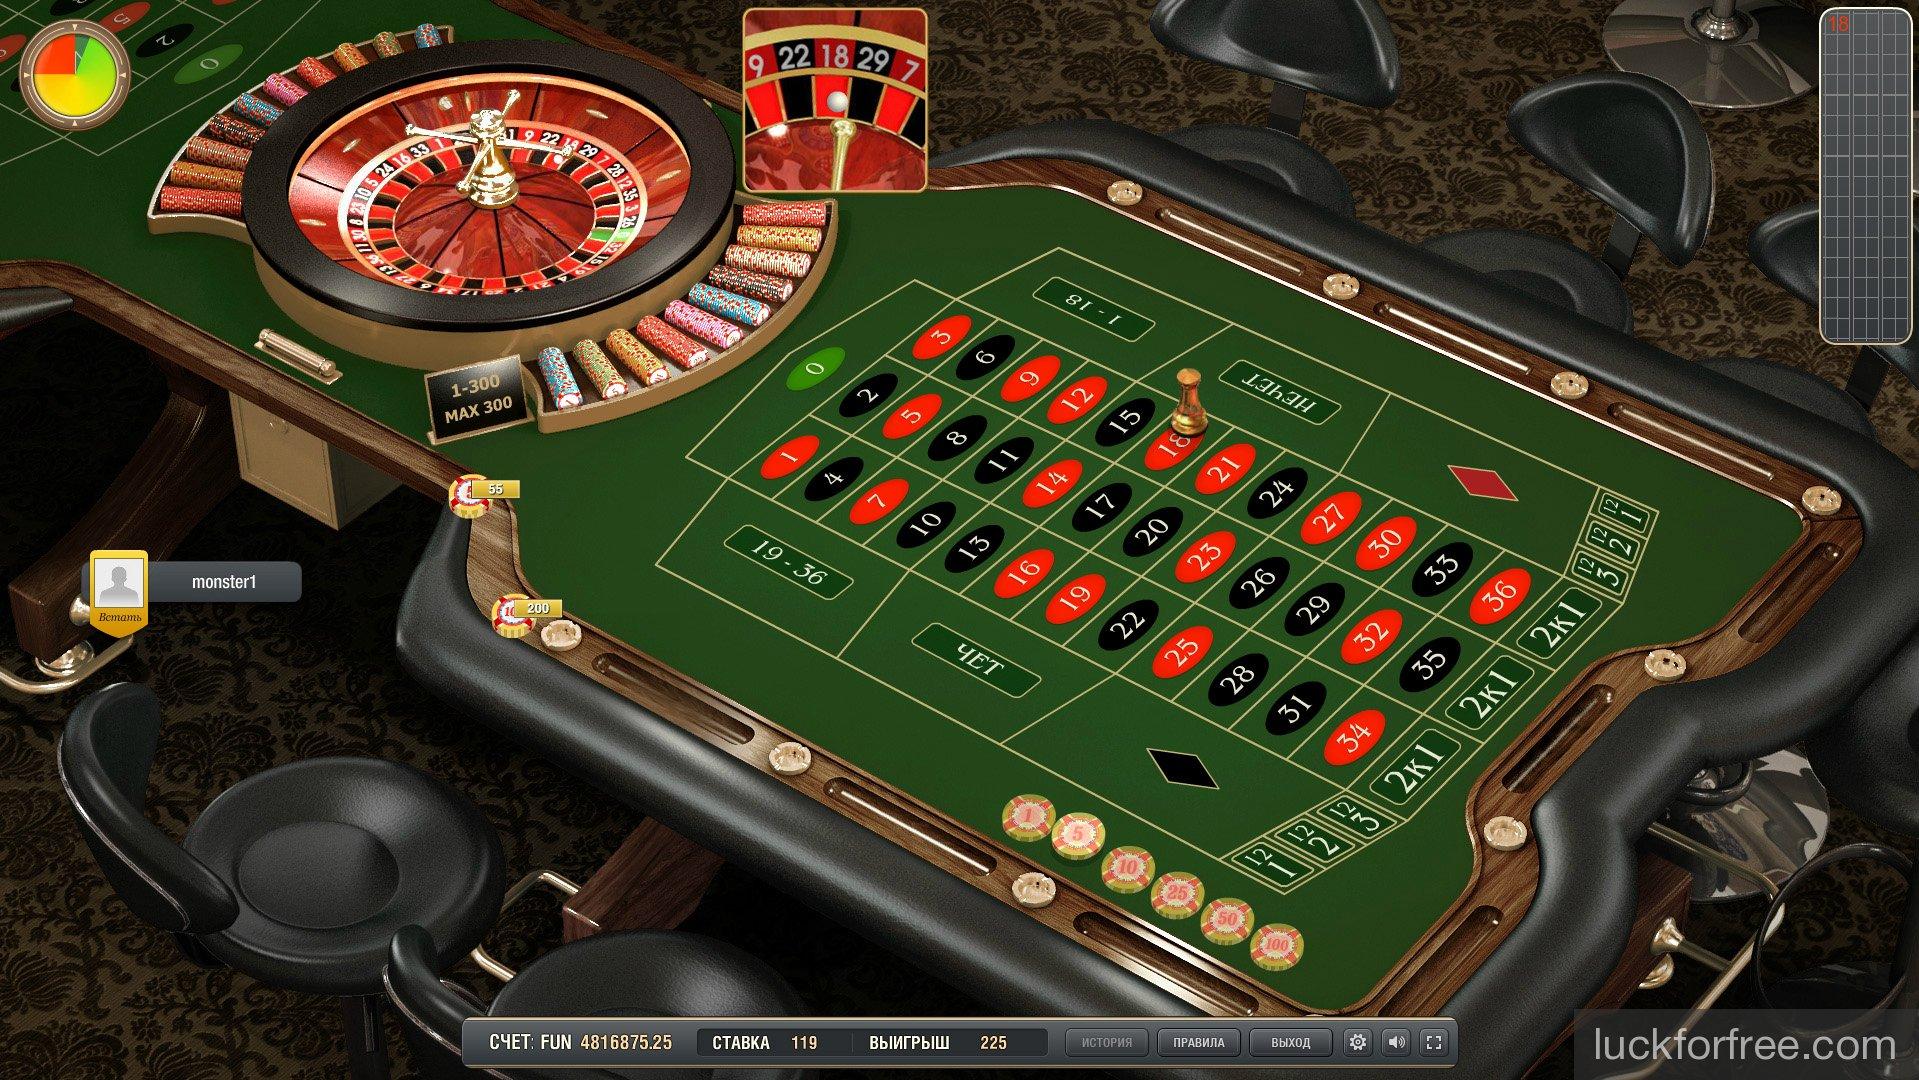 Champion casino играть в чемпион казино